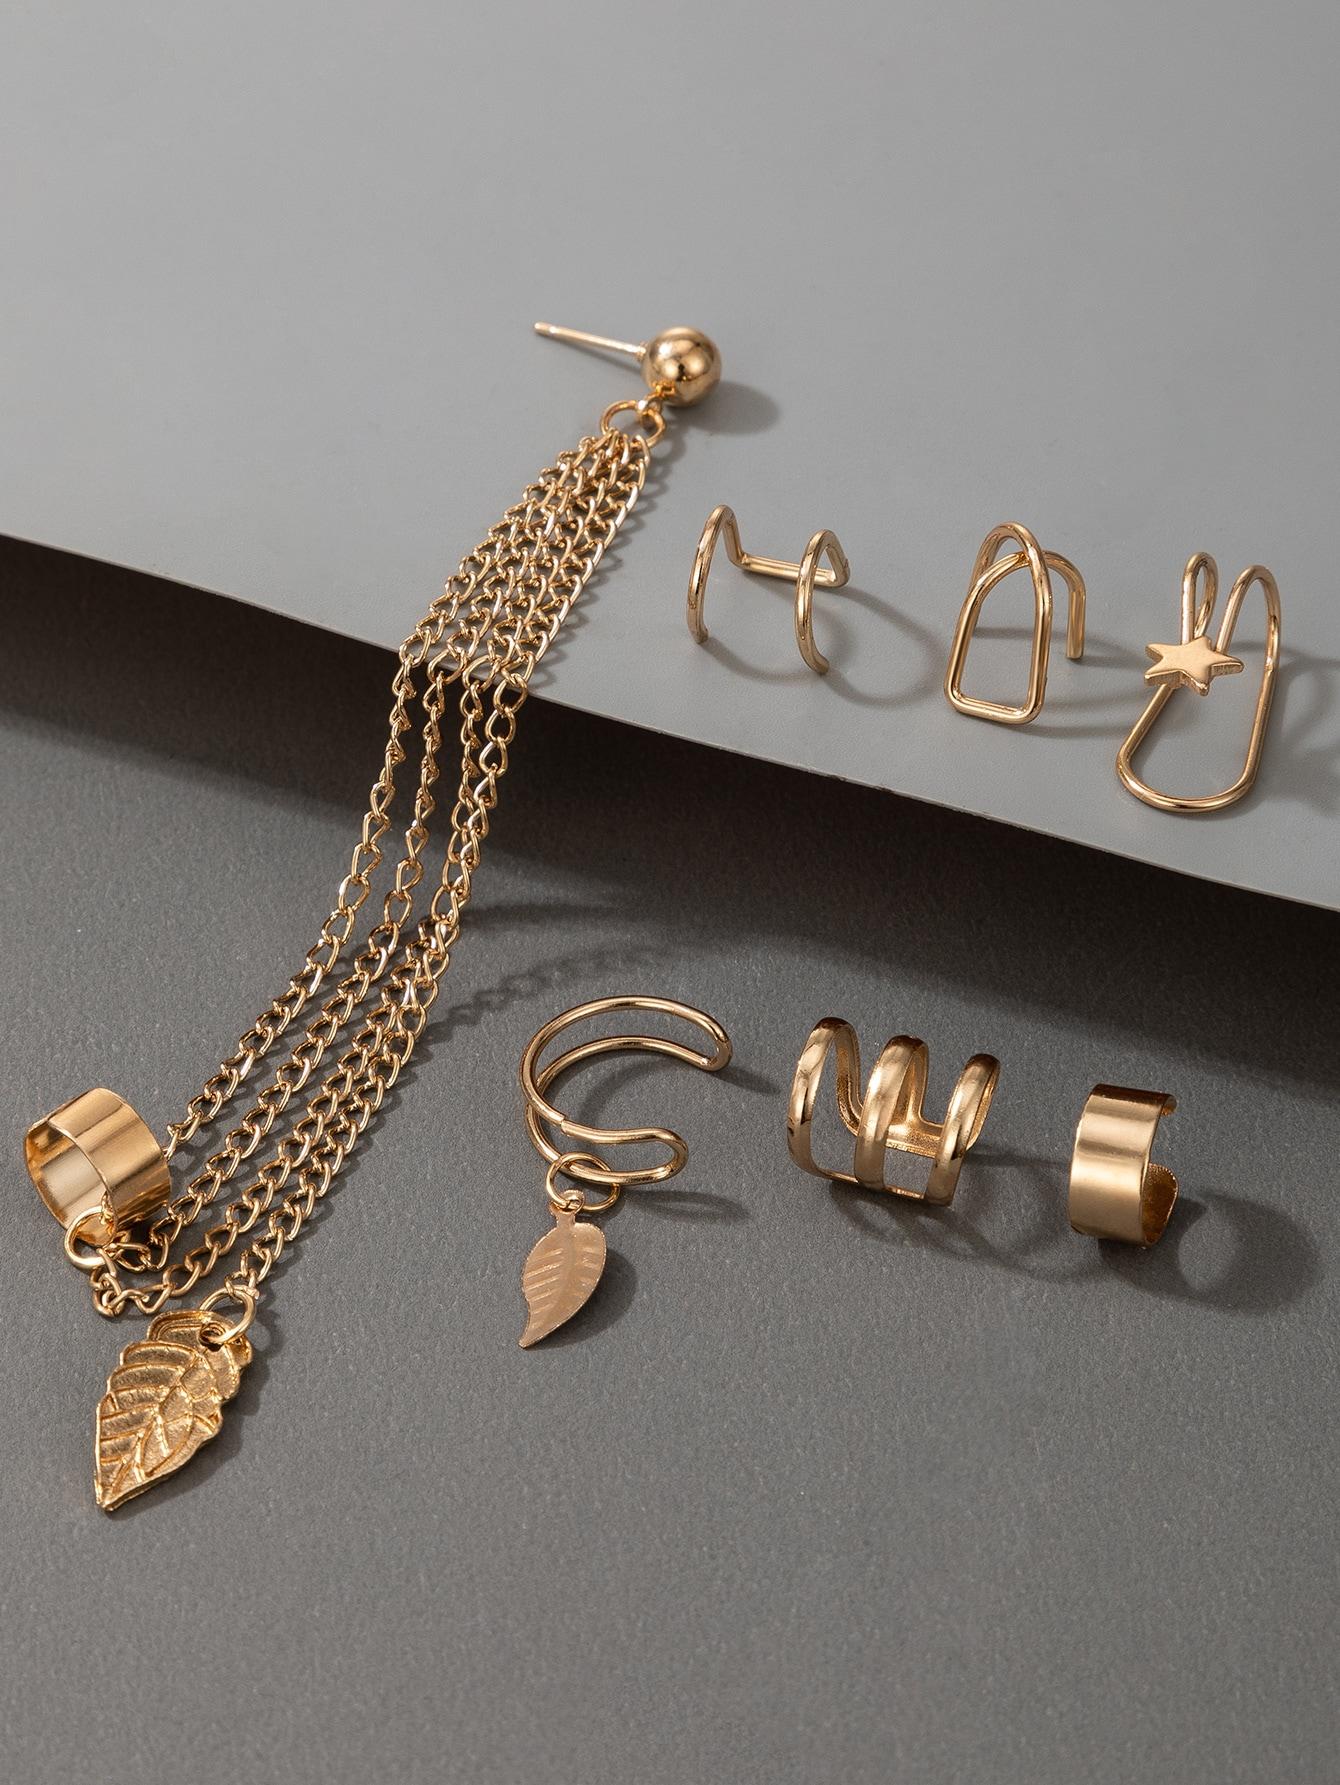 7pcs Star Decor Earrings Set thumbnail